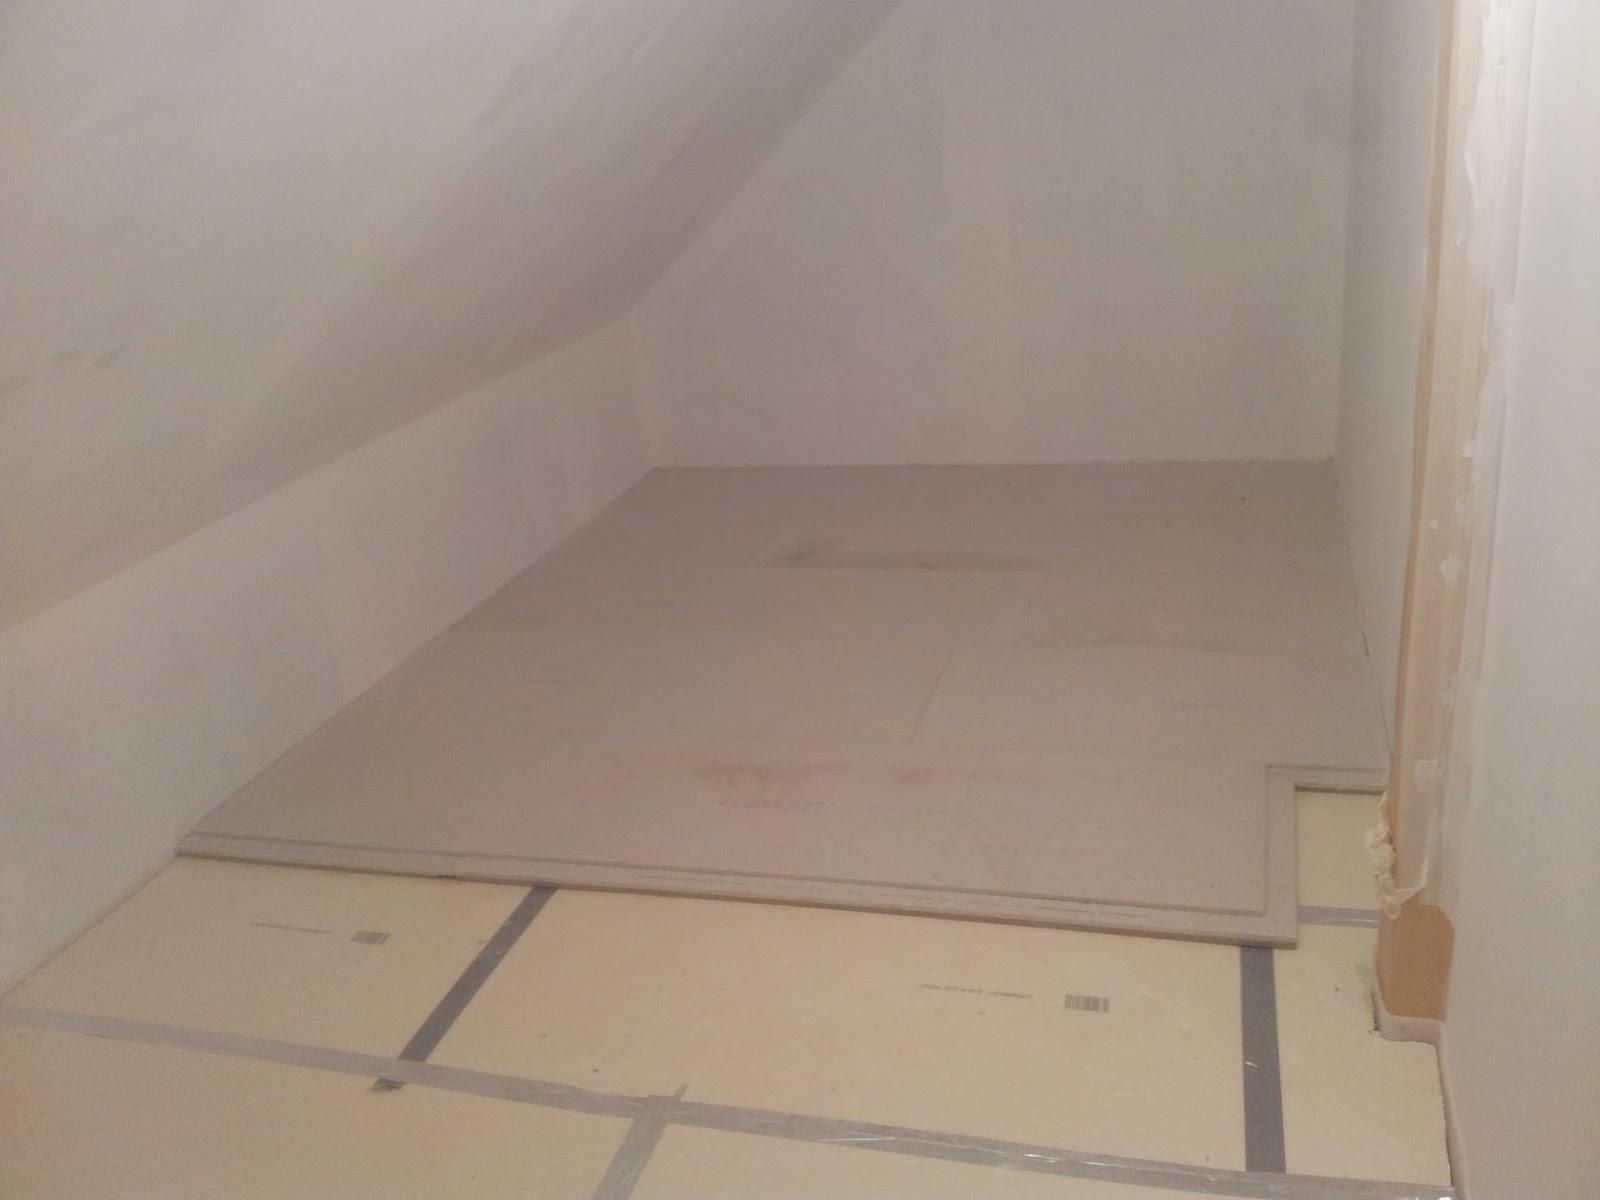 bricolage de l 39 id e la r alisation chape s che. Black Bedroom Furniture Sets. Home Design Ideas